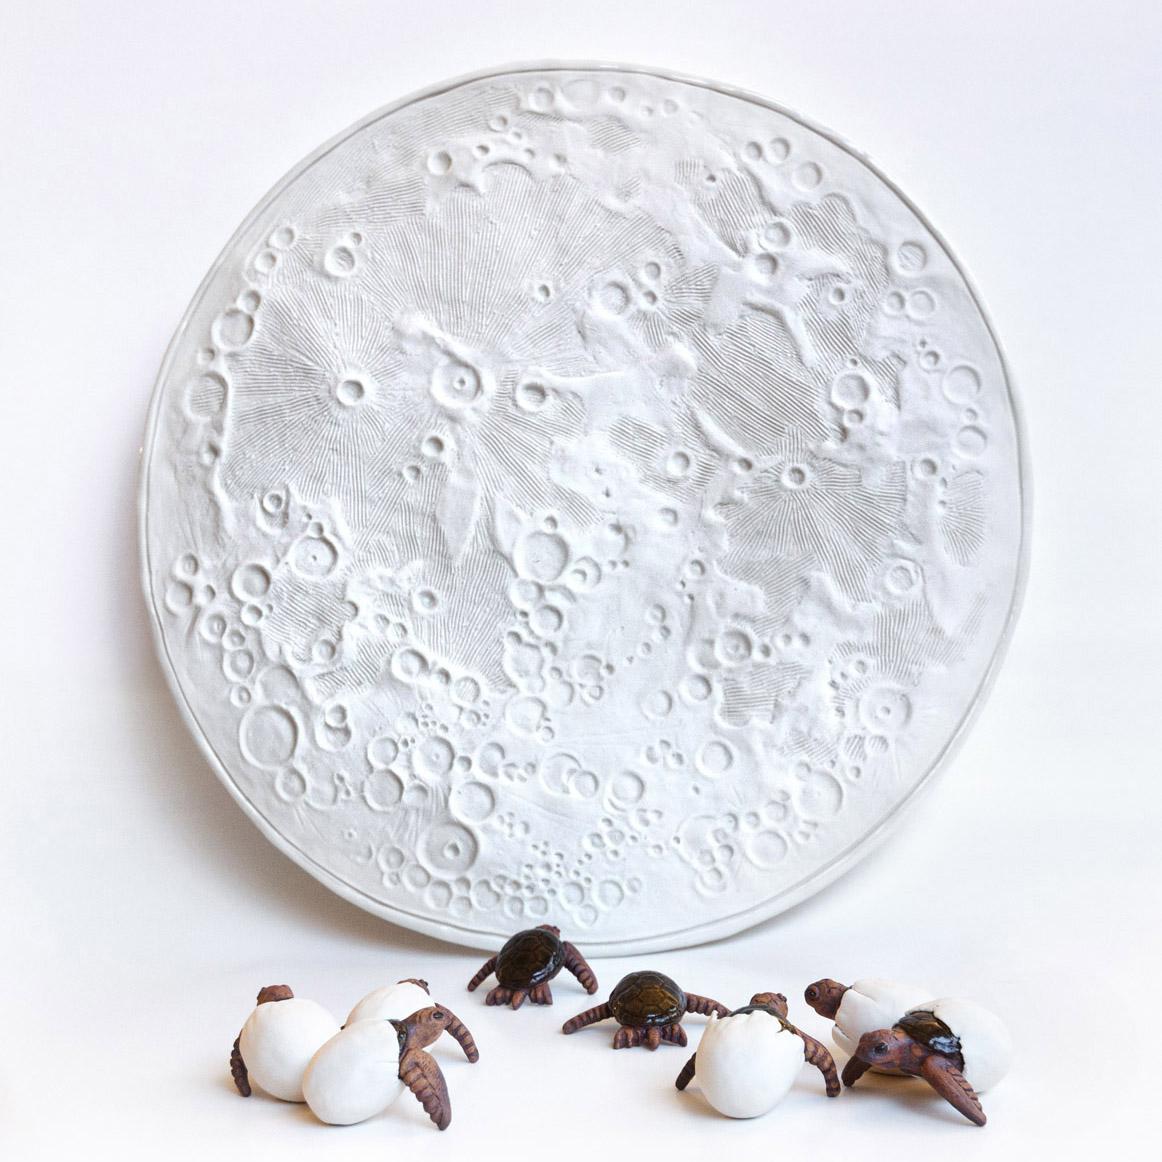 'Night Sea' ceramics exhibit in Portland